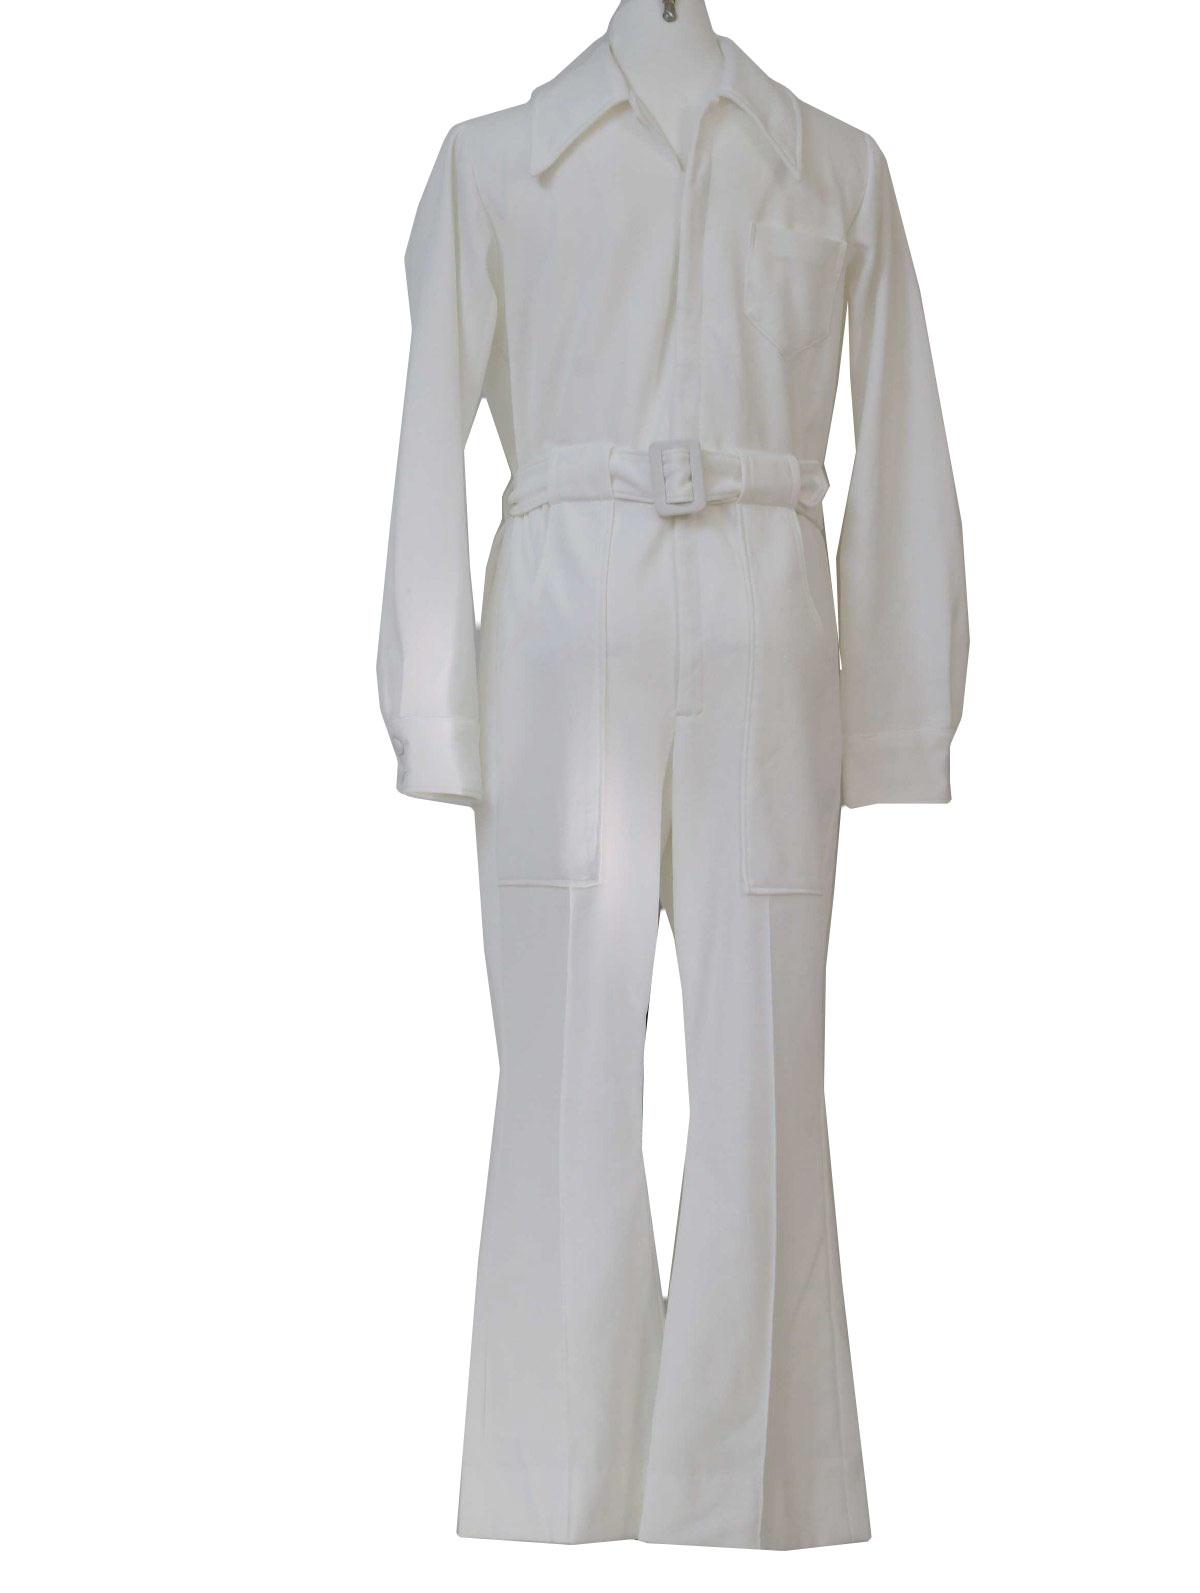 9ca6c5cc686 Retro 70s Suit (LeVoys)   70s -LeVoys- Mens solid white double knit ...